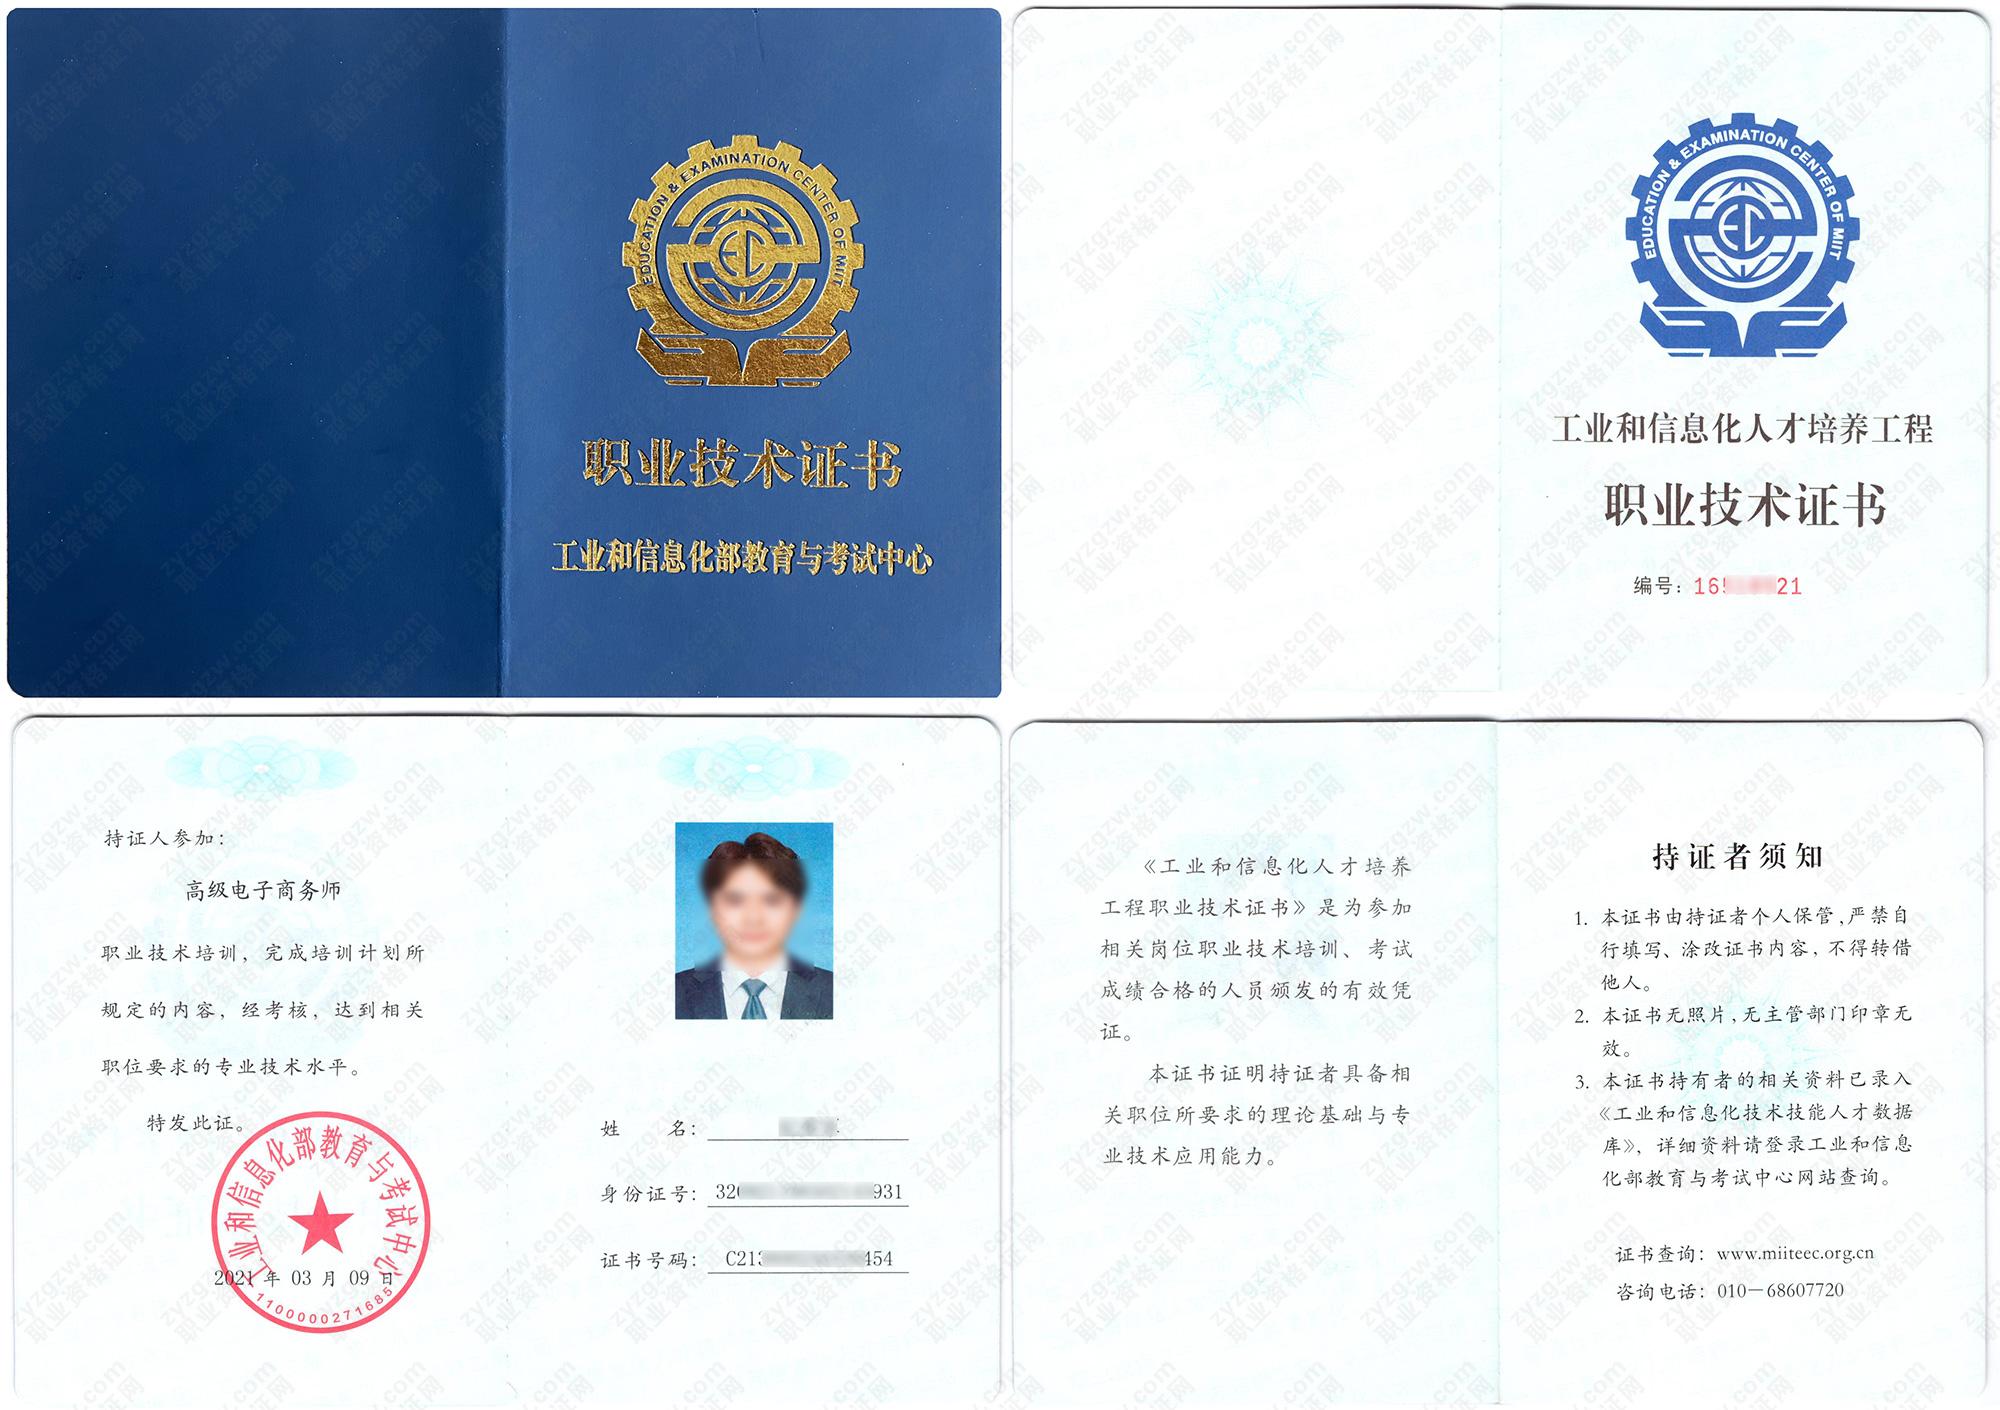 工信部 职业技术证书 高级电子商务师证证书样本